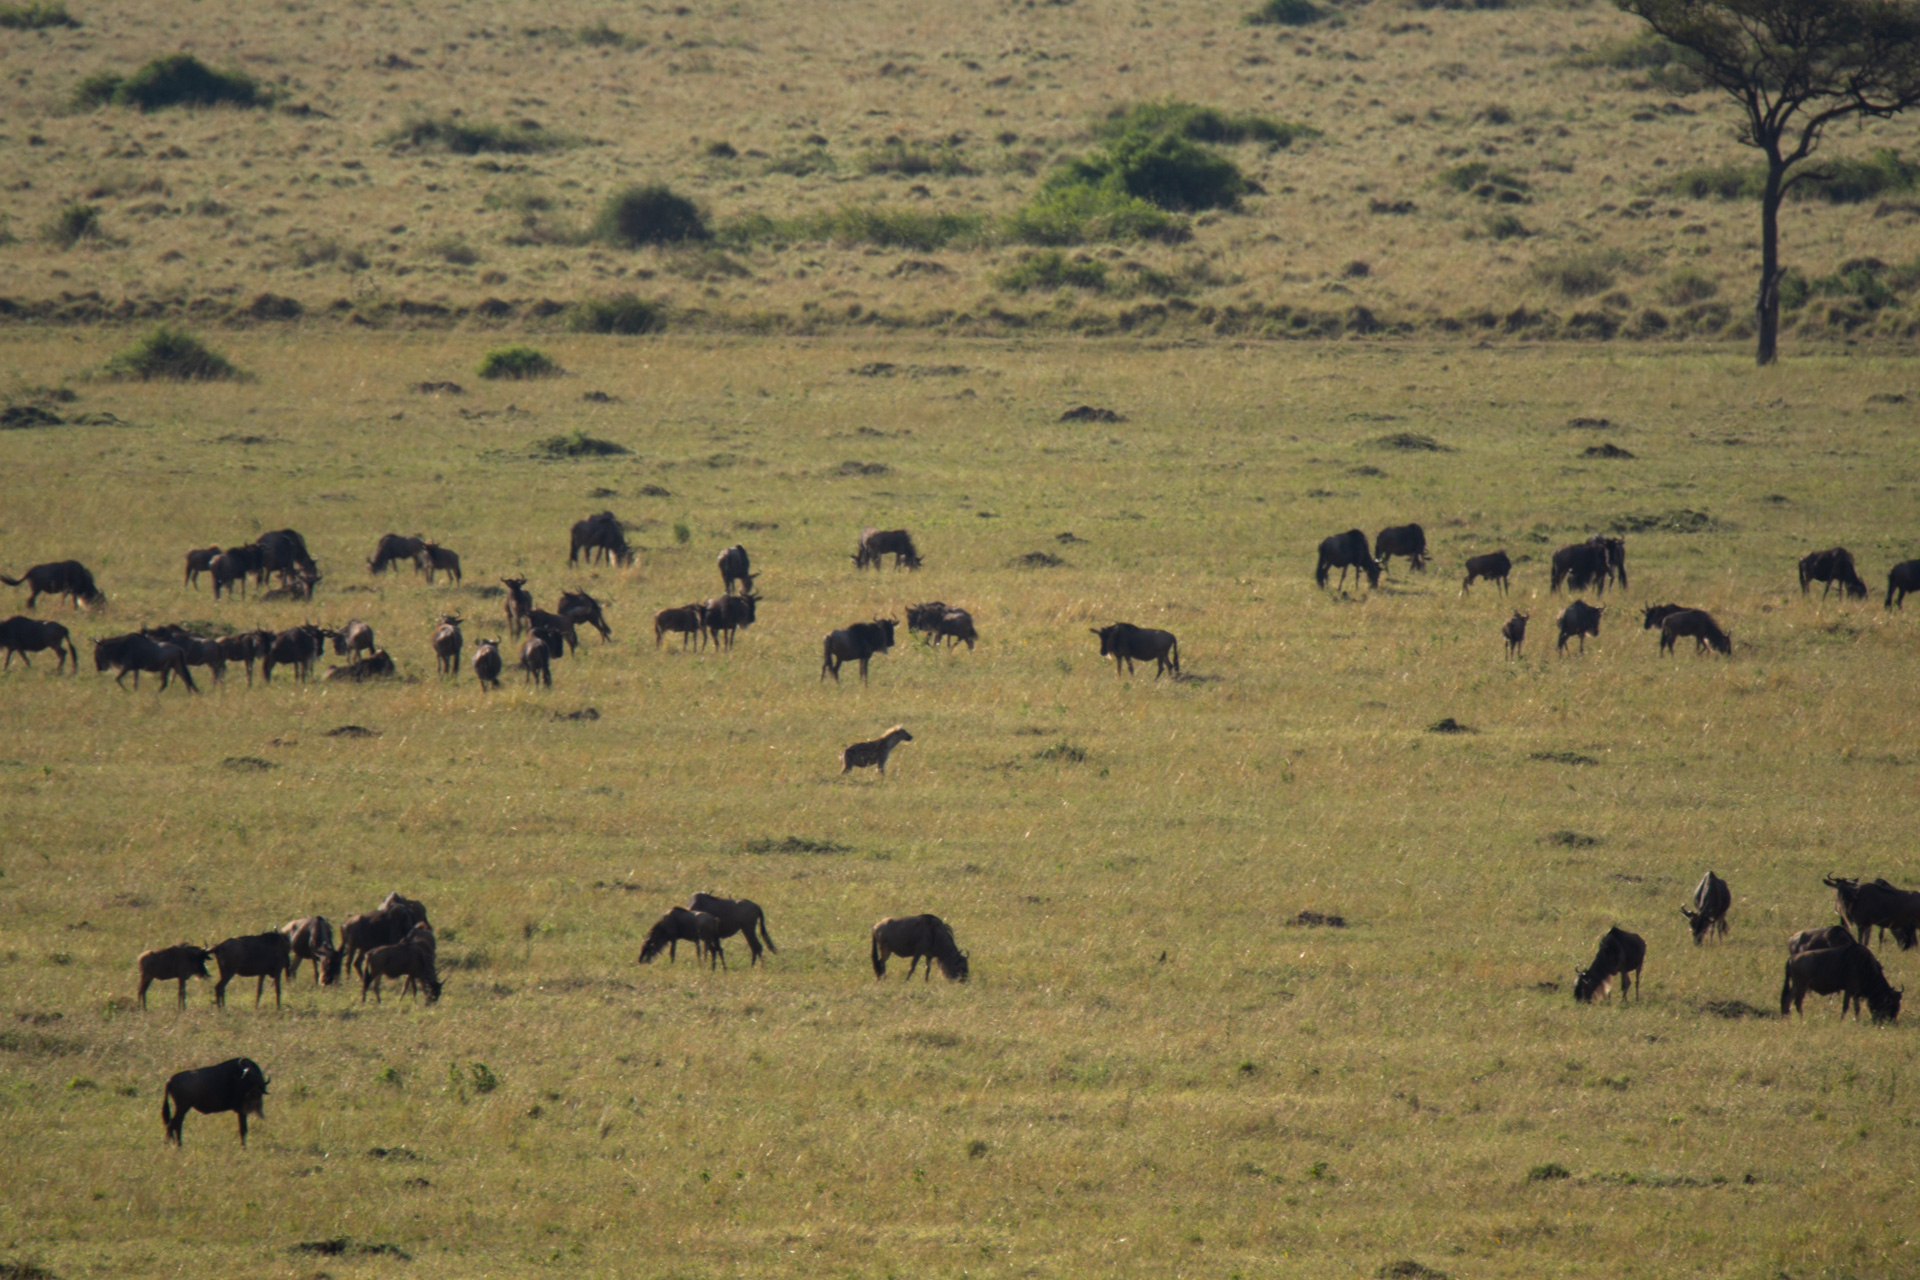 Hyena & wildebeests